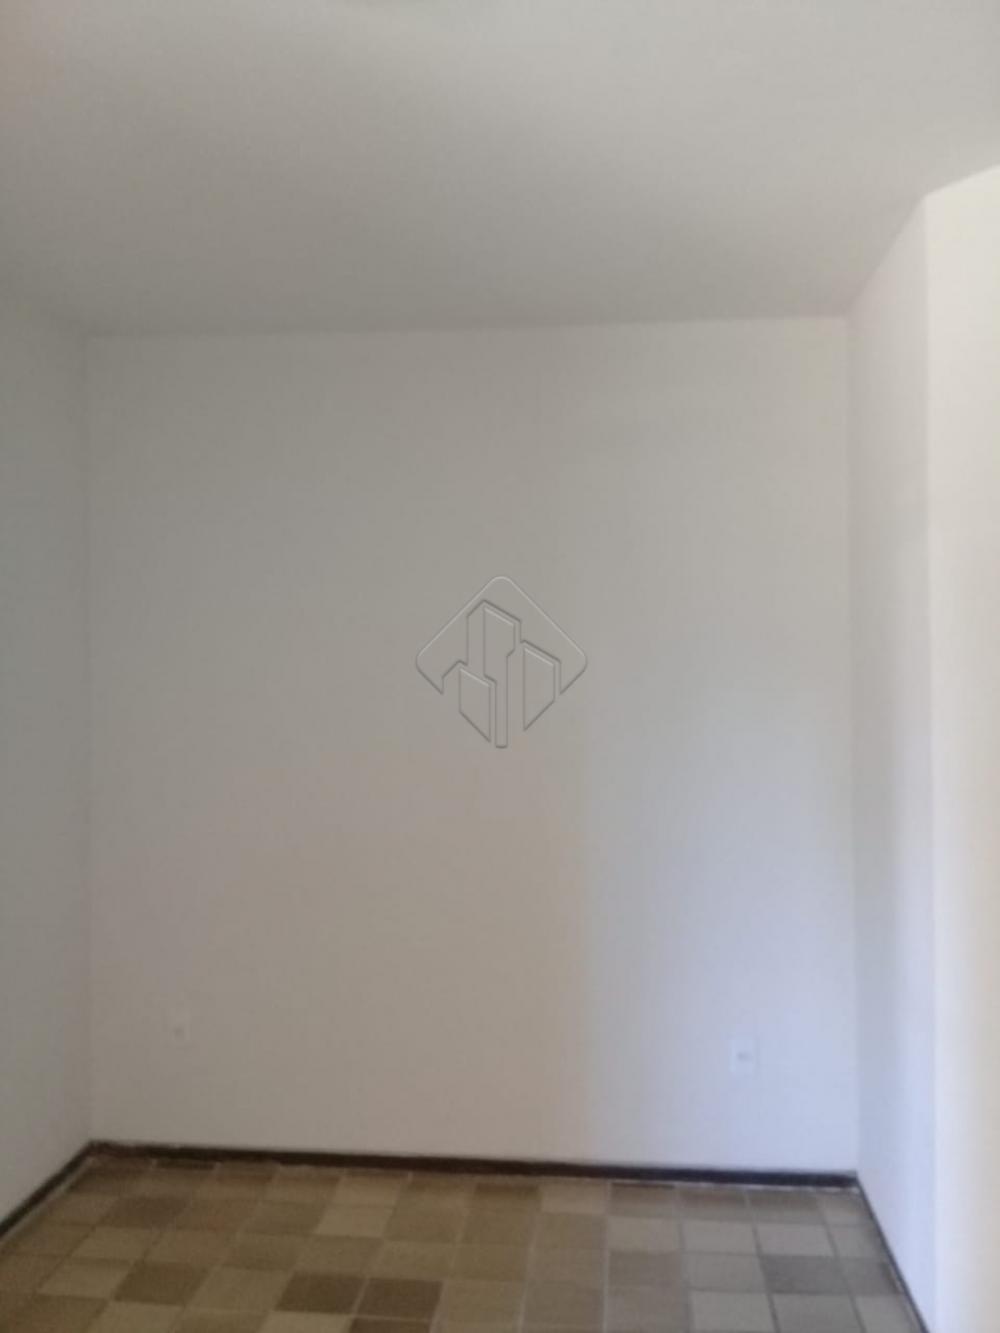 Comprar Apartamento / Padrão em João Pessoa apenas R$ 300.000,00 - Foto 11